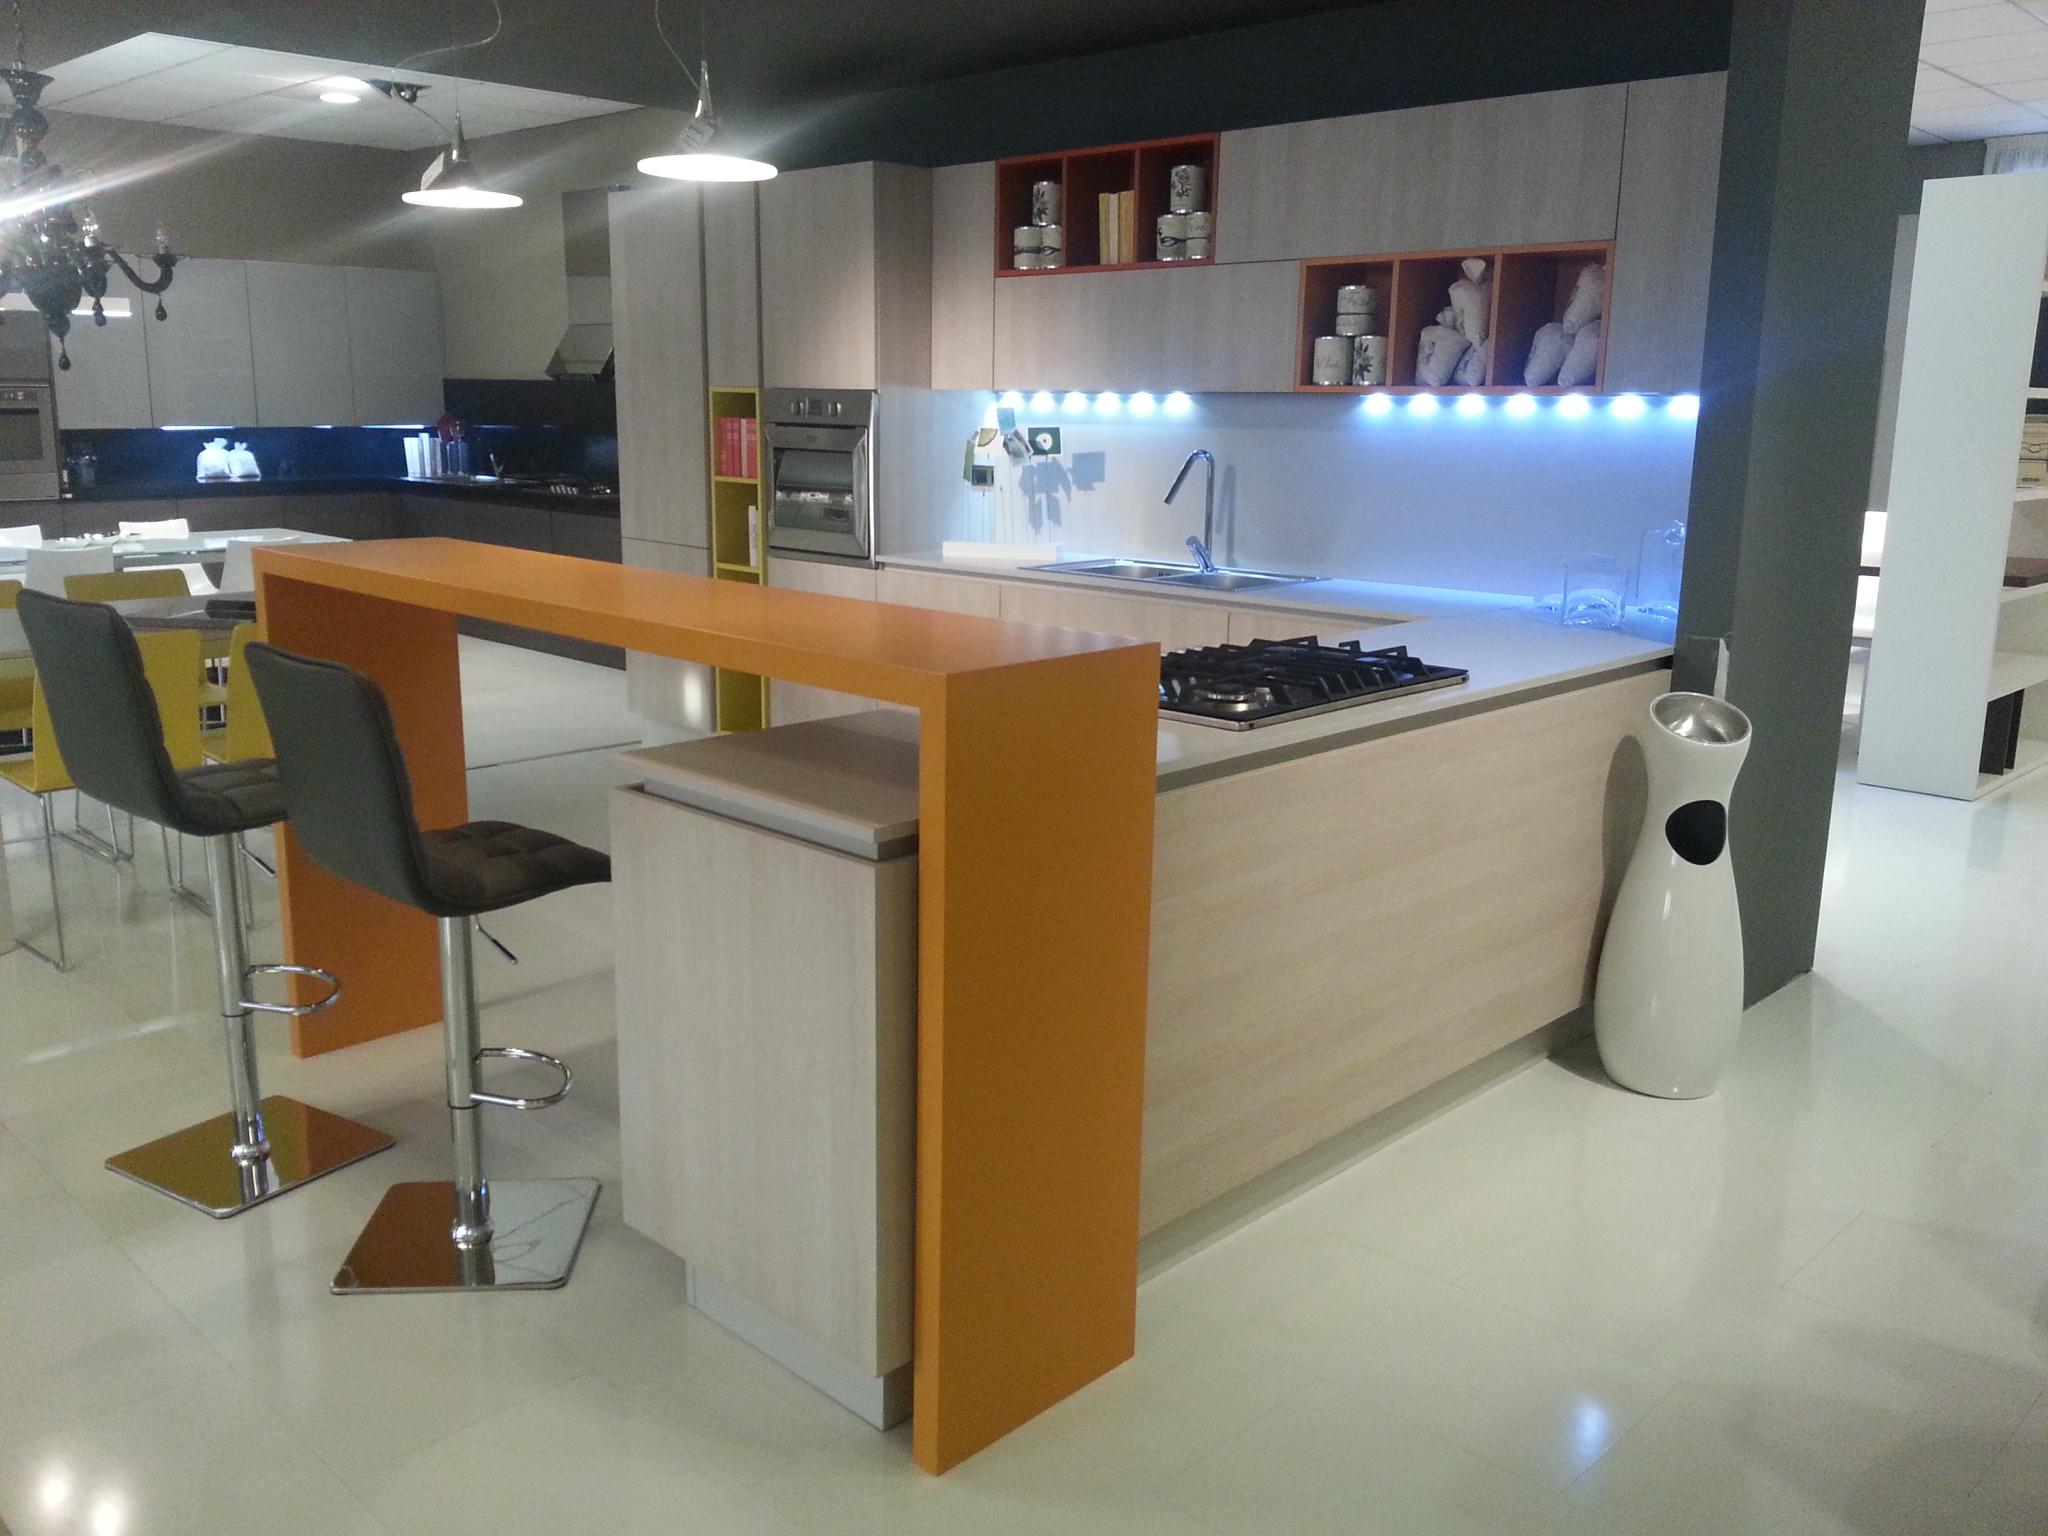 Cucina angolare grafy con inserti colorati stile young for Arredo ingross 3